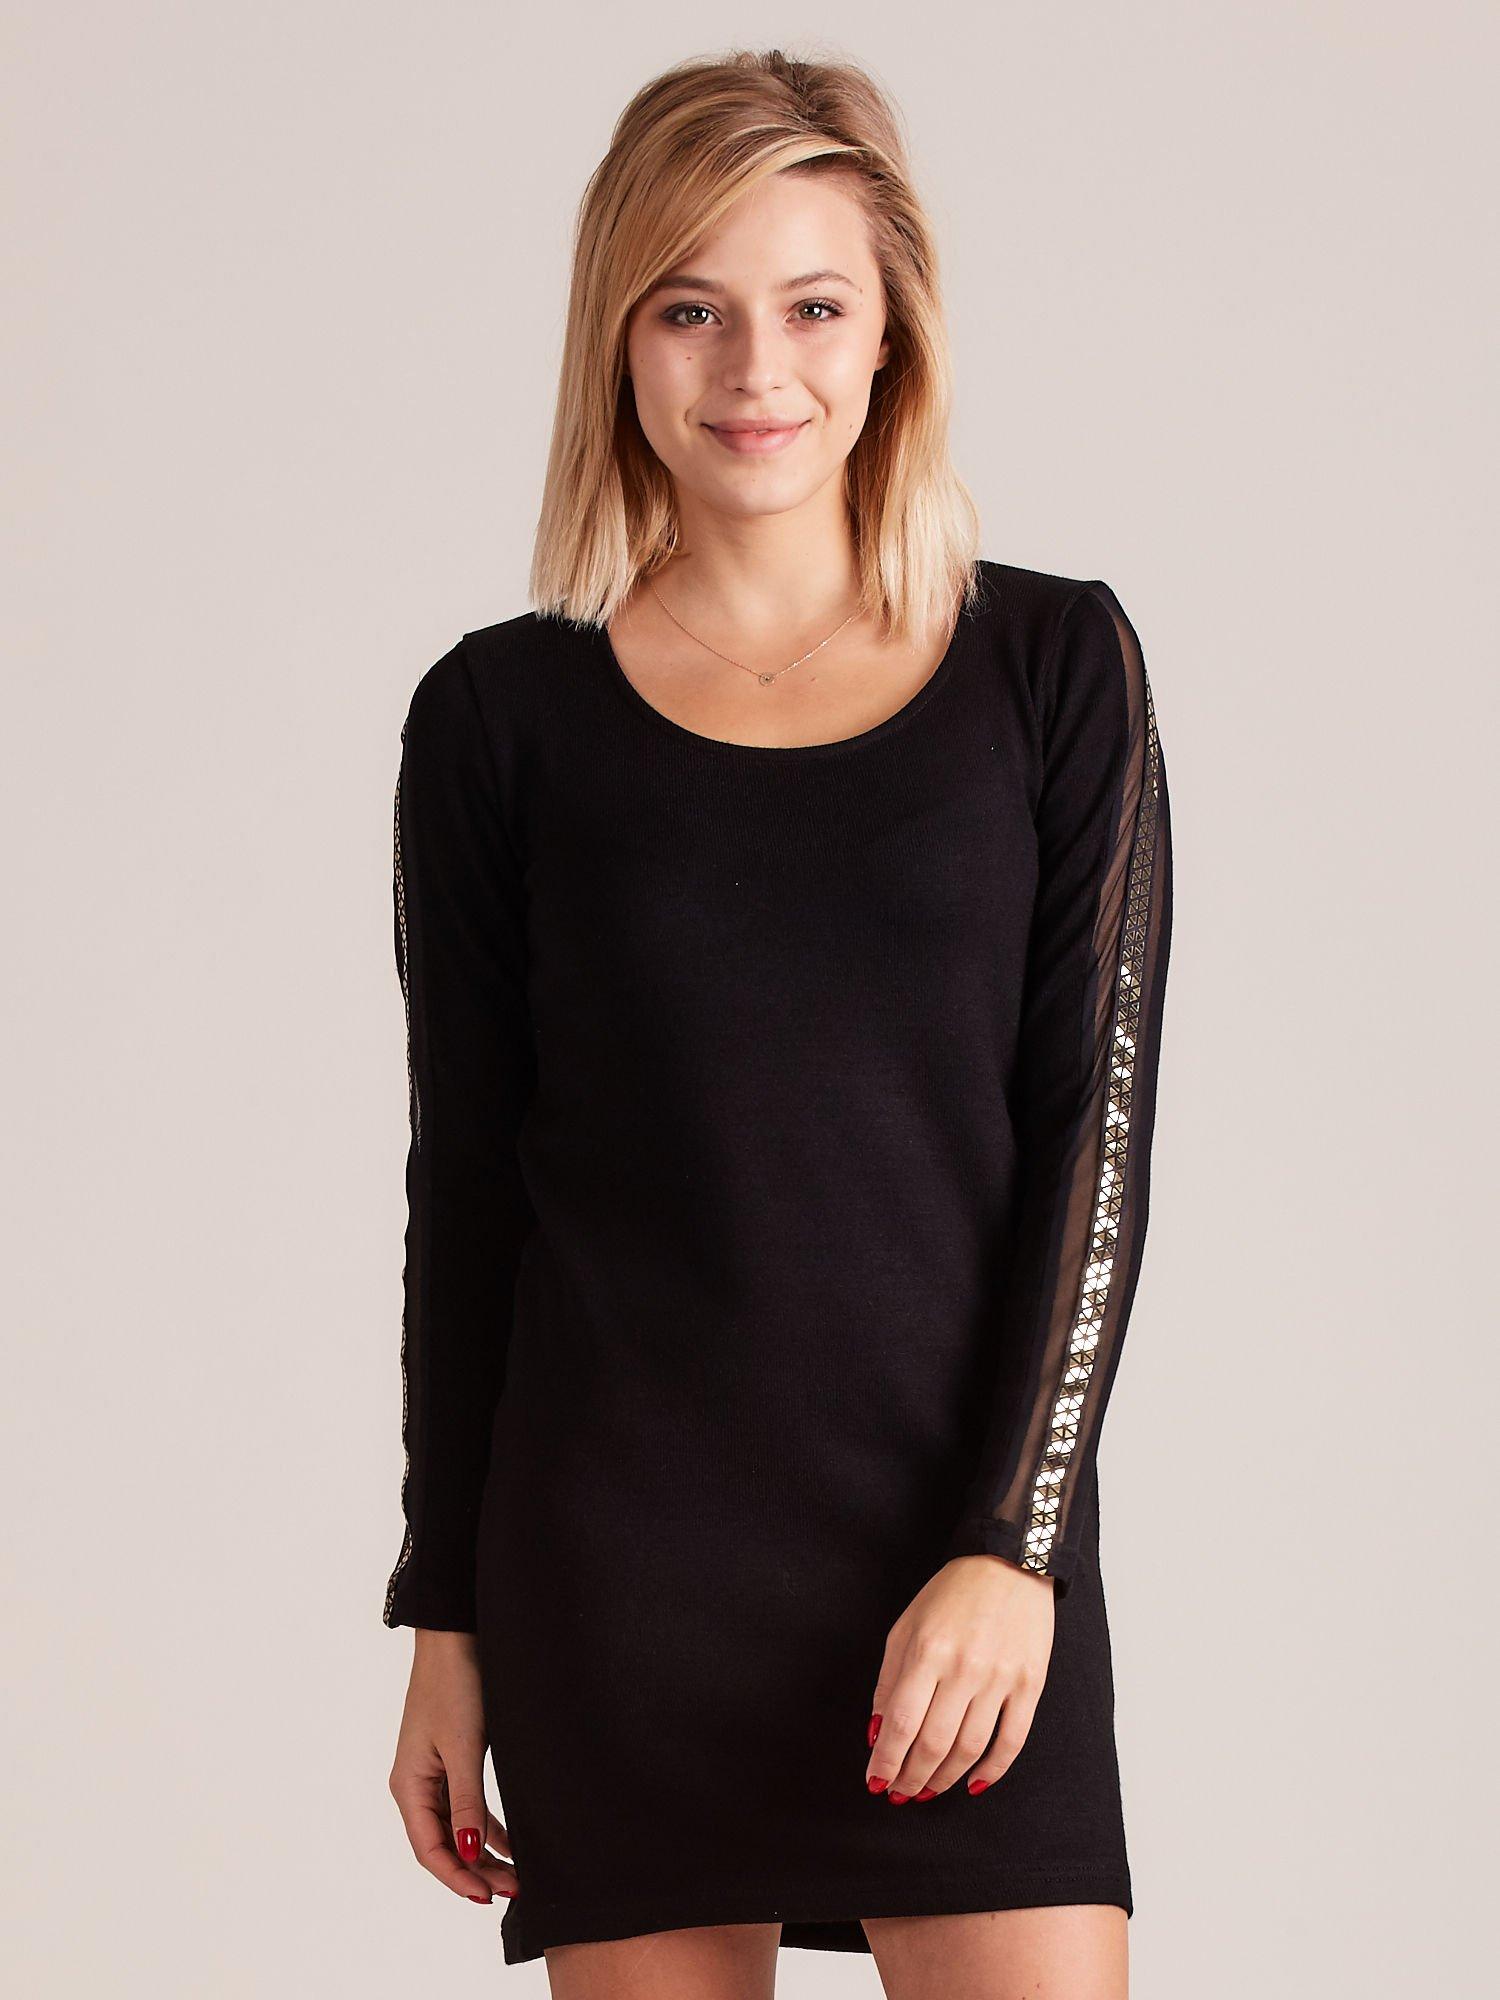 fc0866bc73 Sukienka dzianinowa z ozdobnymi lampasami czarna - Sukienka dzianinowa -  sklep eButik.pl